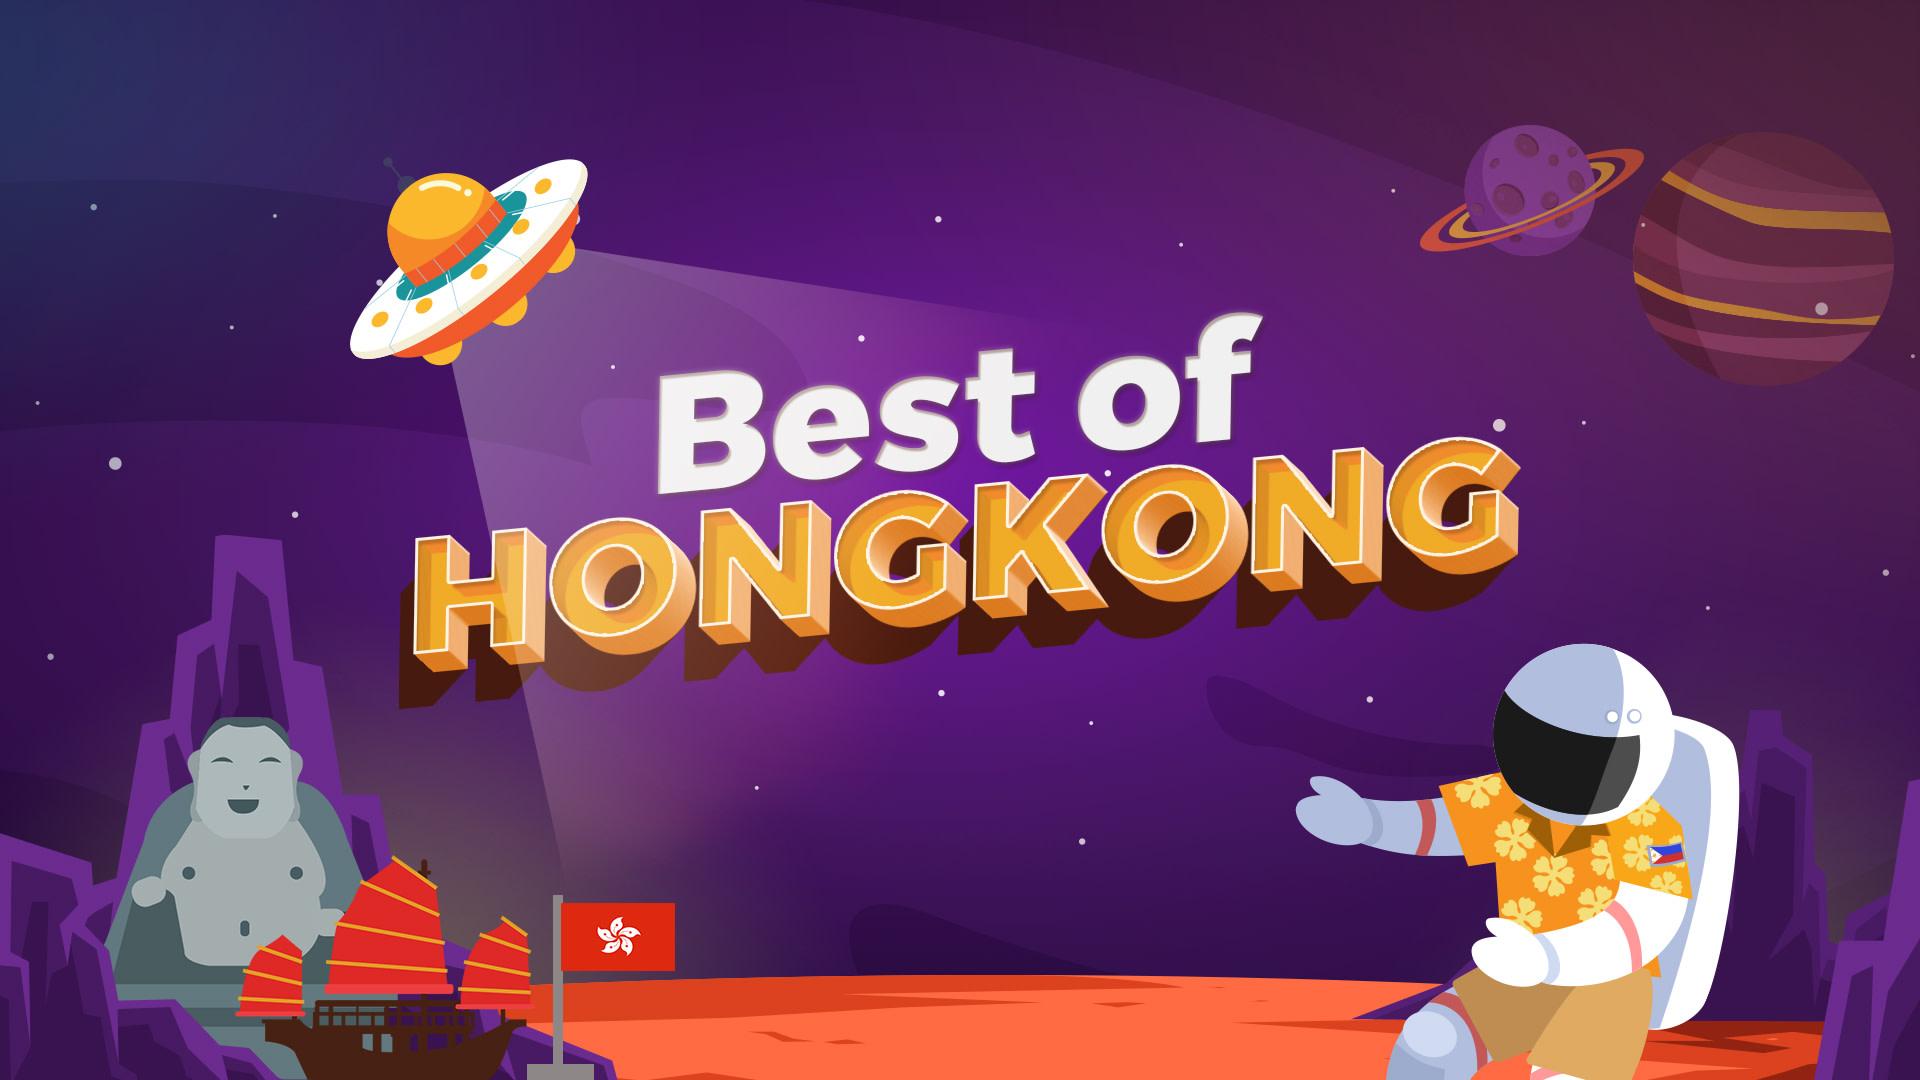 The Best of Hong Kong - Klook Blog